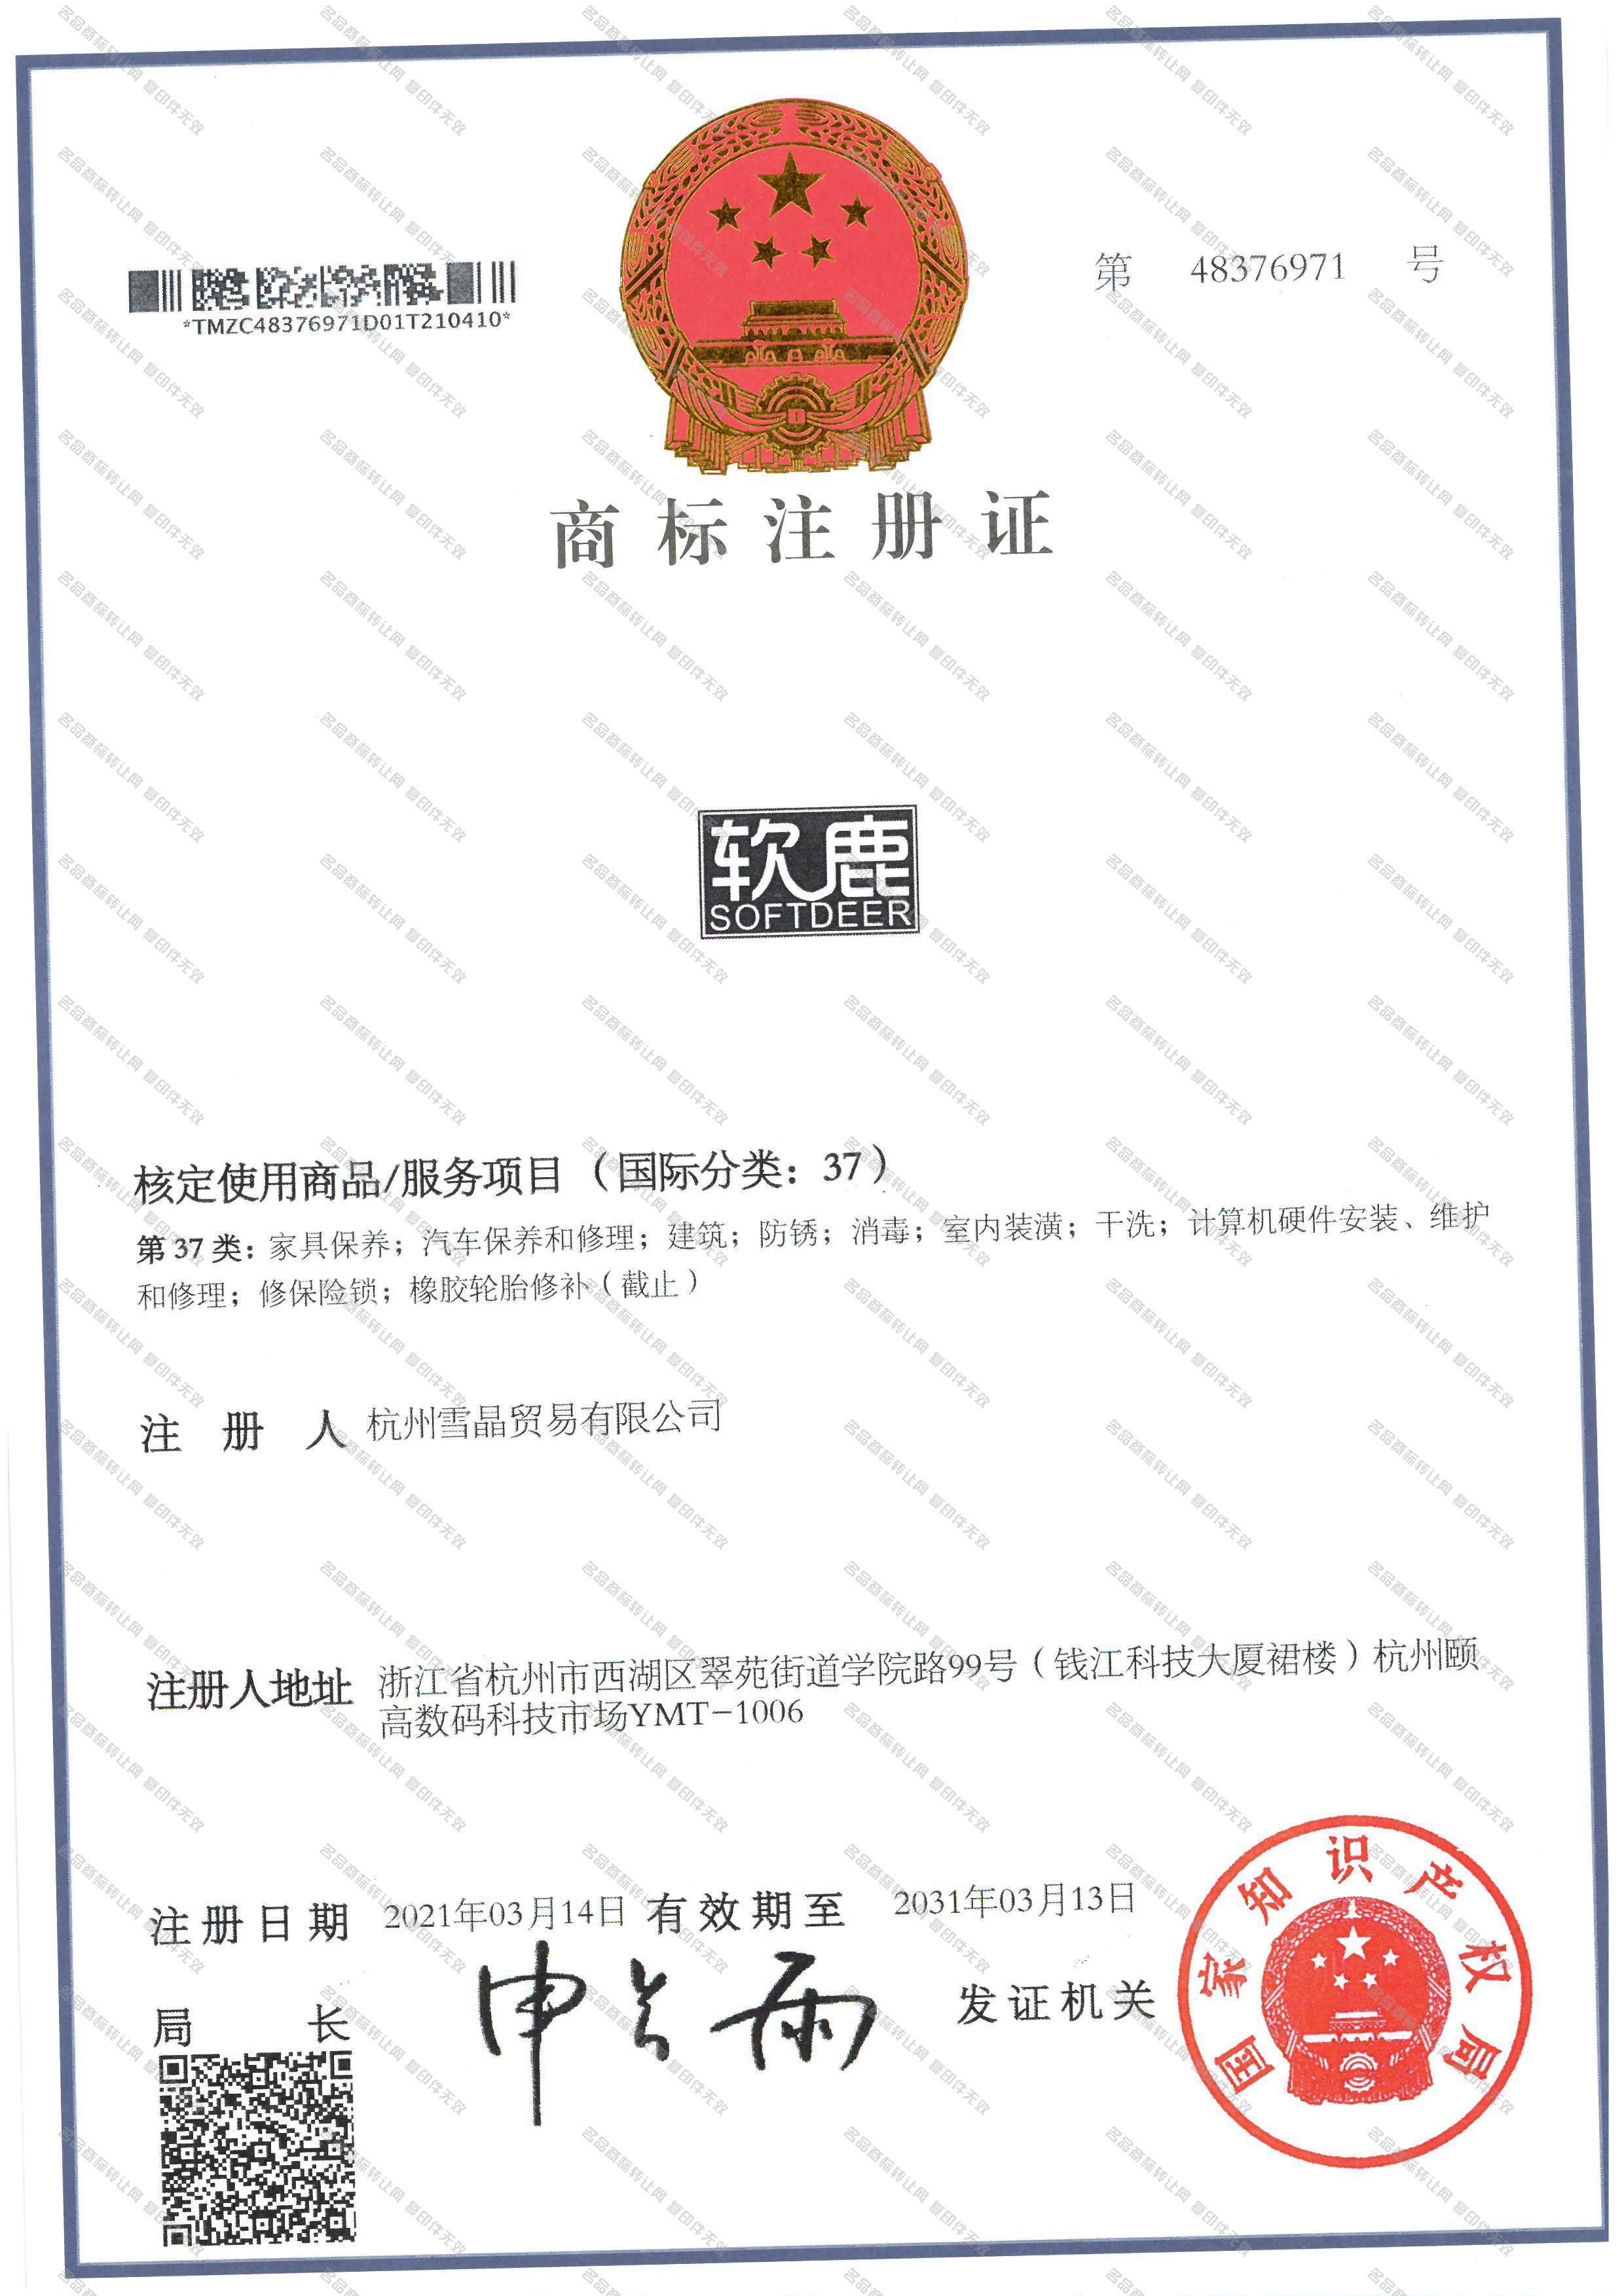 软鹿 SOFTDEER注册证